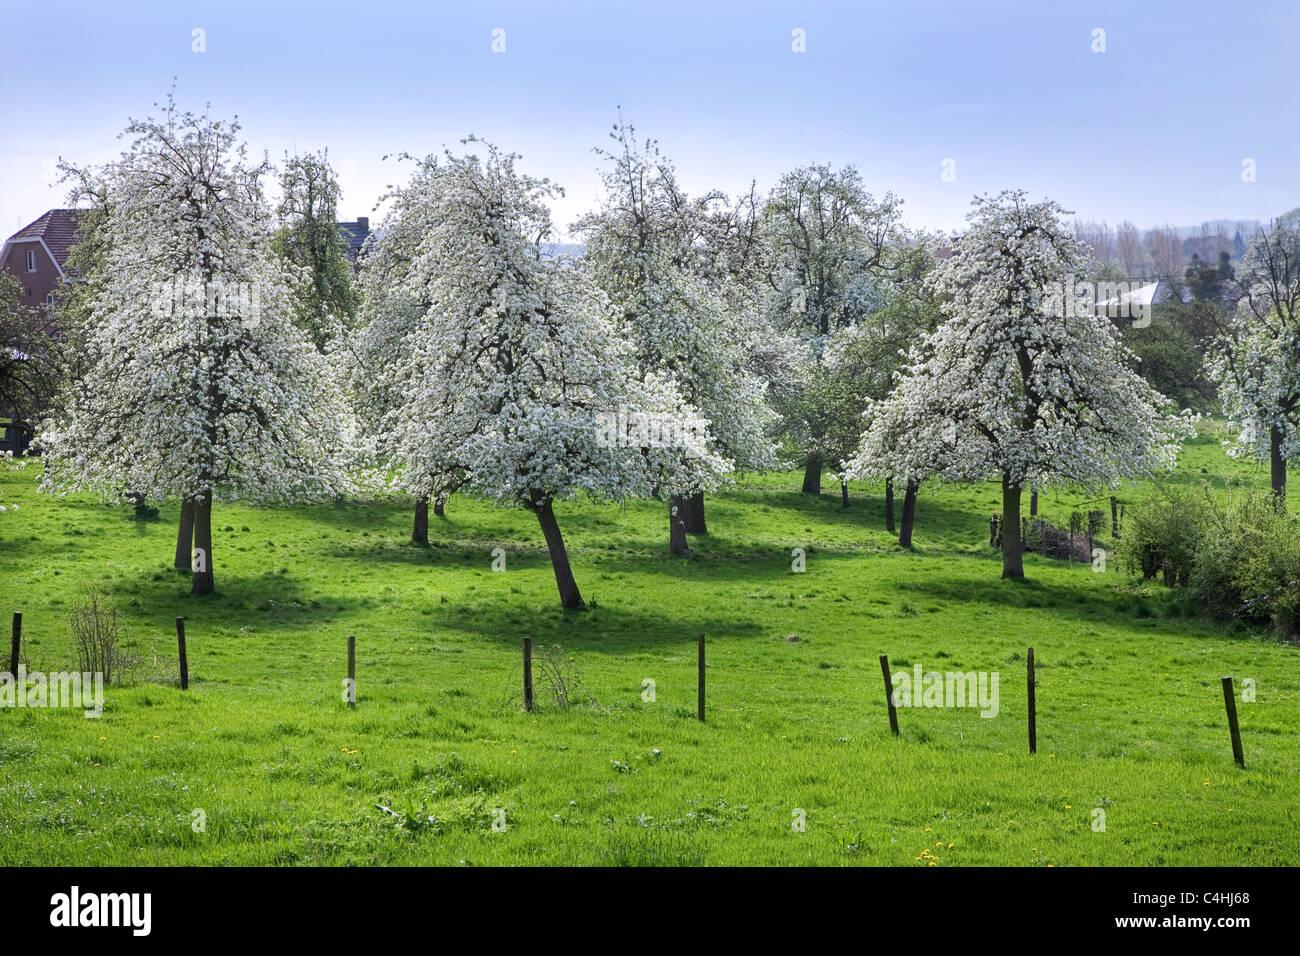 Obstgarten mit Birne (Pyrus) blühen im Frühjahr, Hesbaye, Belgien Stockbild